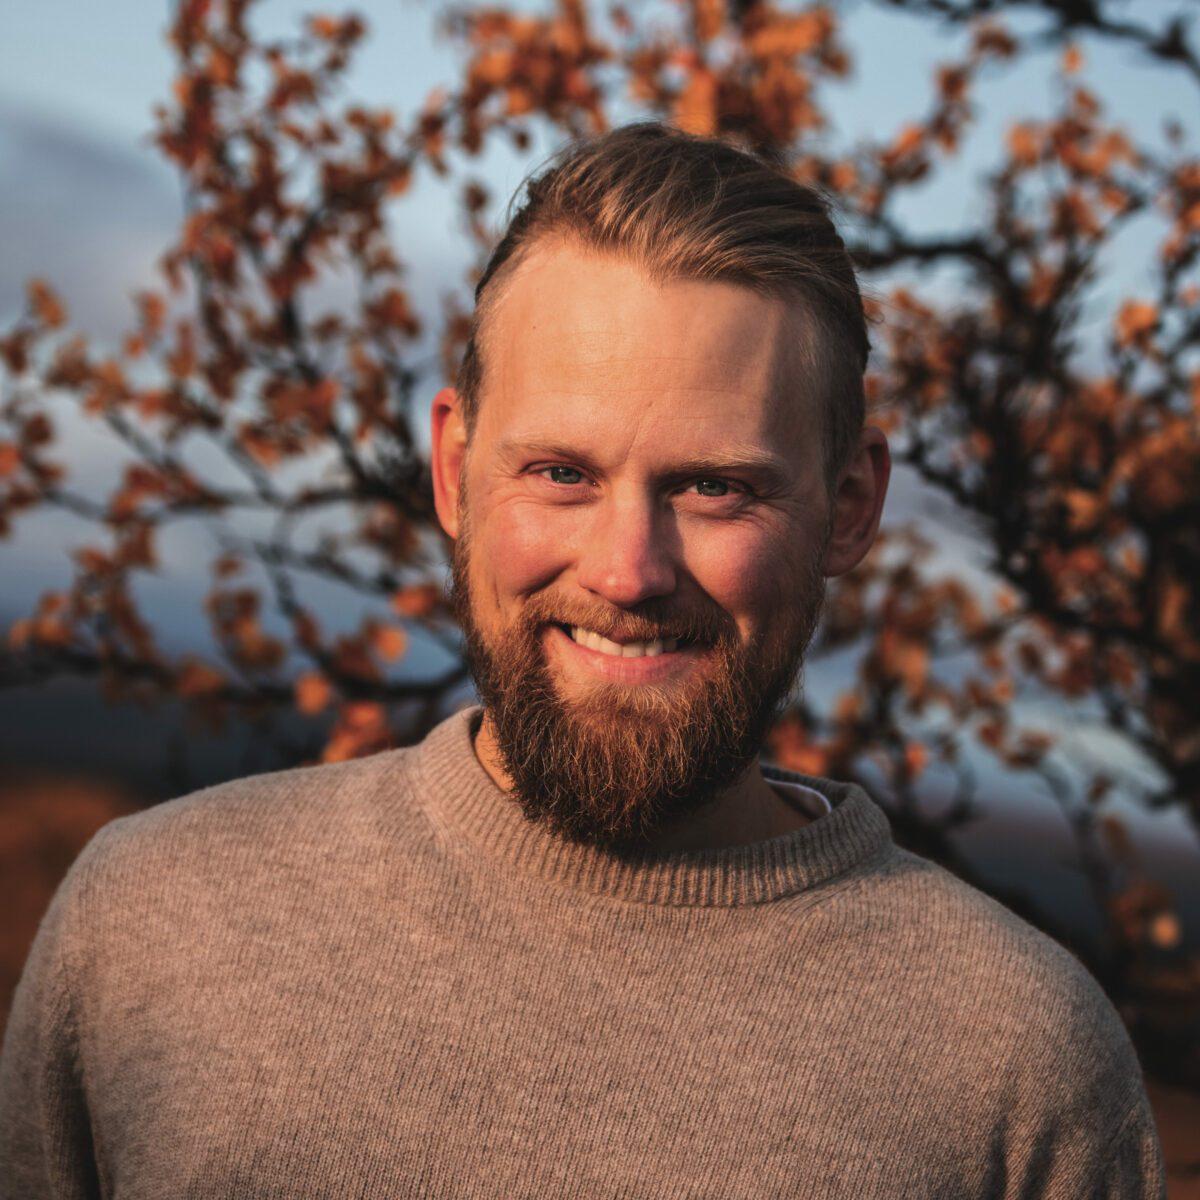 Fjelltopp founder Mathias